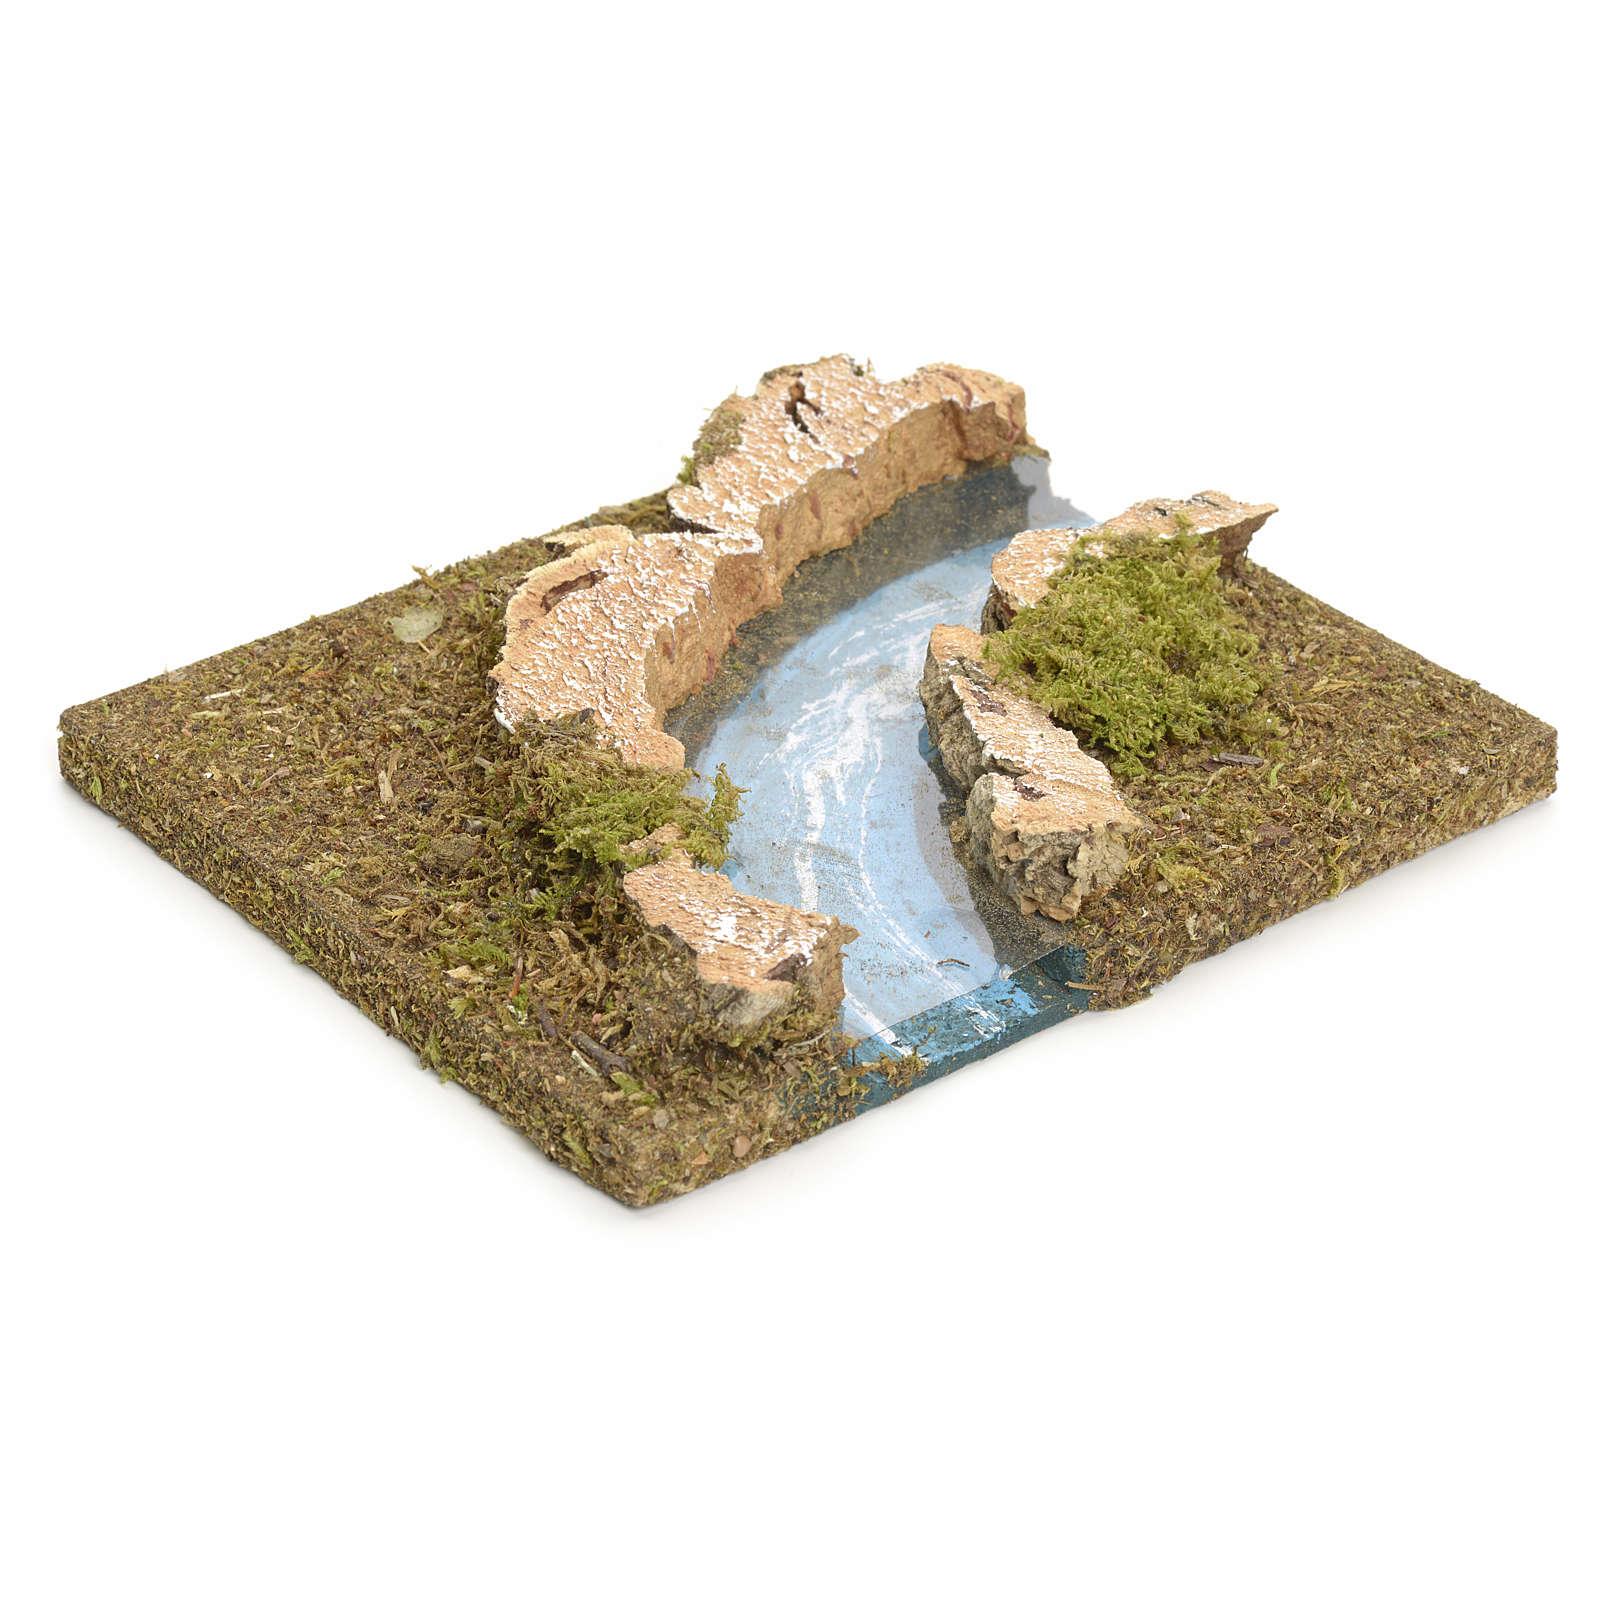 Fluß zusammensetzbar aus Kork: rechte Biegung 4